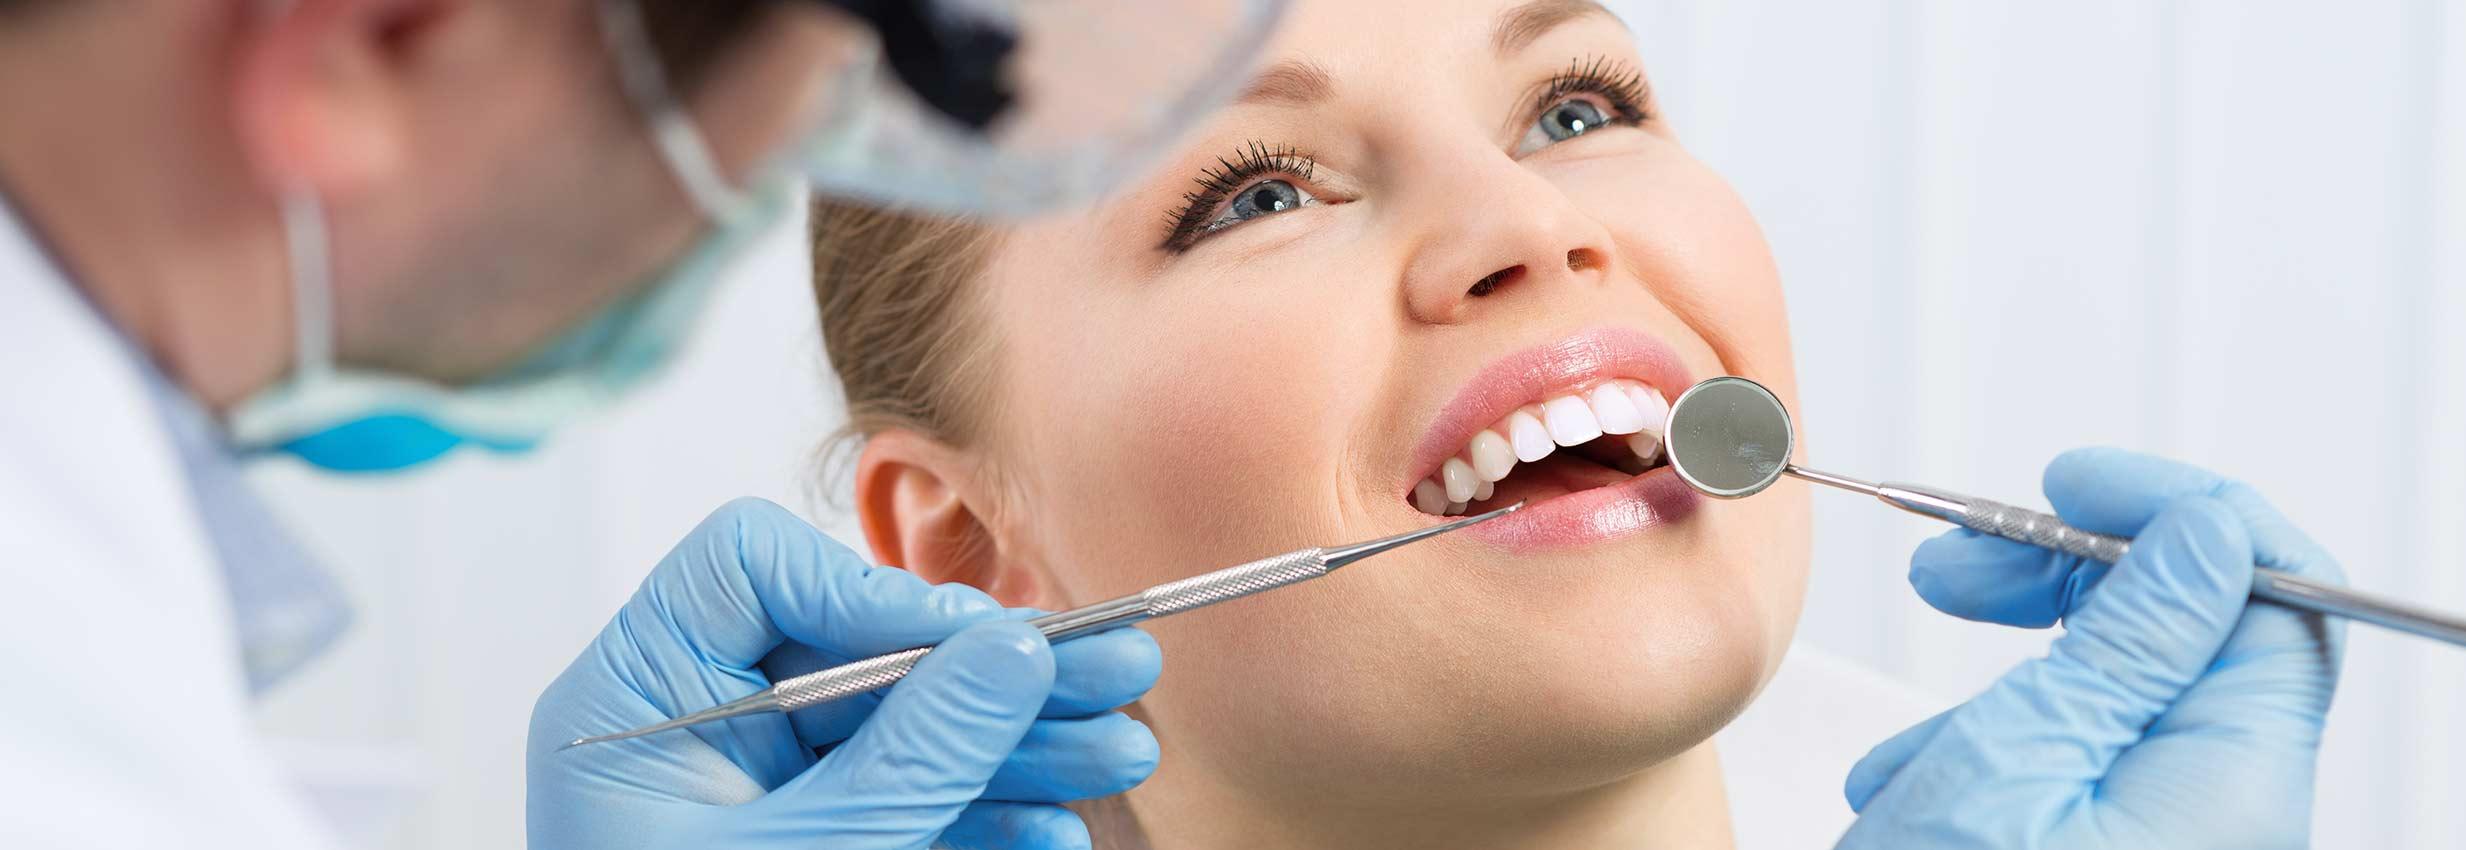 Igiene orale a Verona | Studio dentistico a Verona | Studio dentistico Muraro